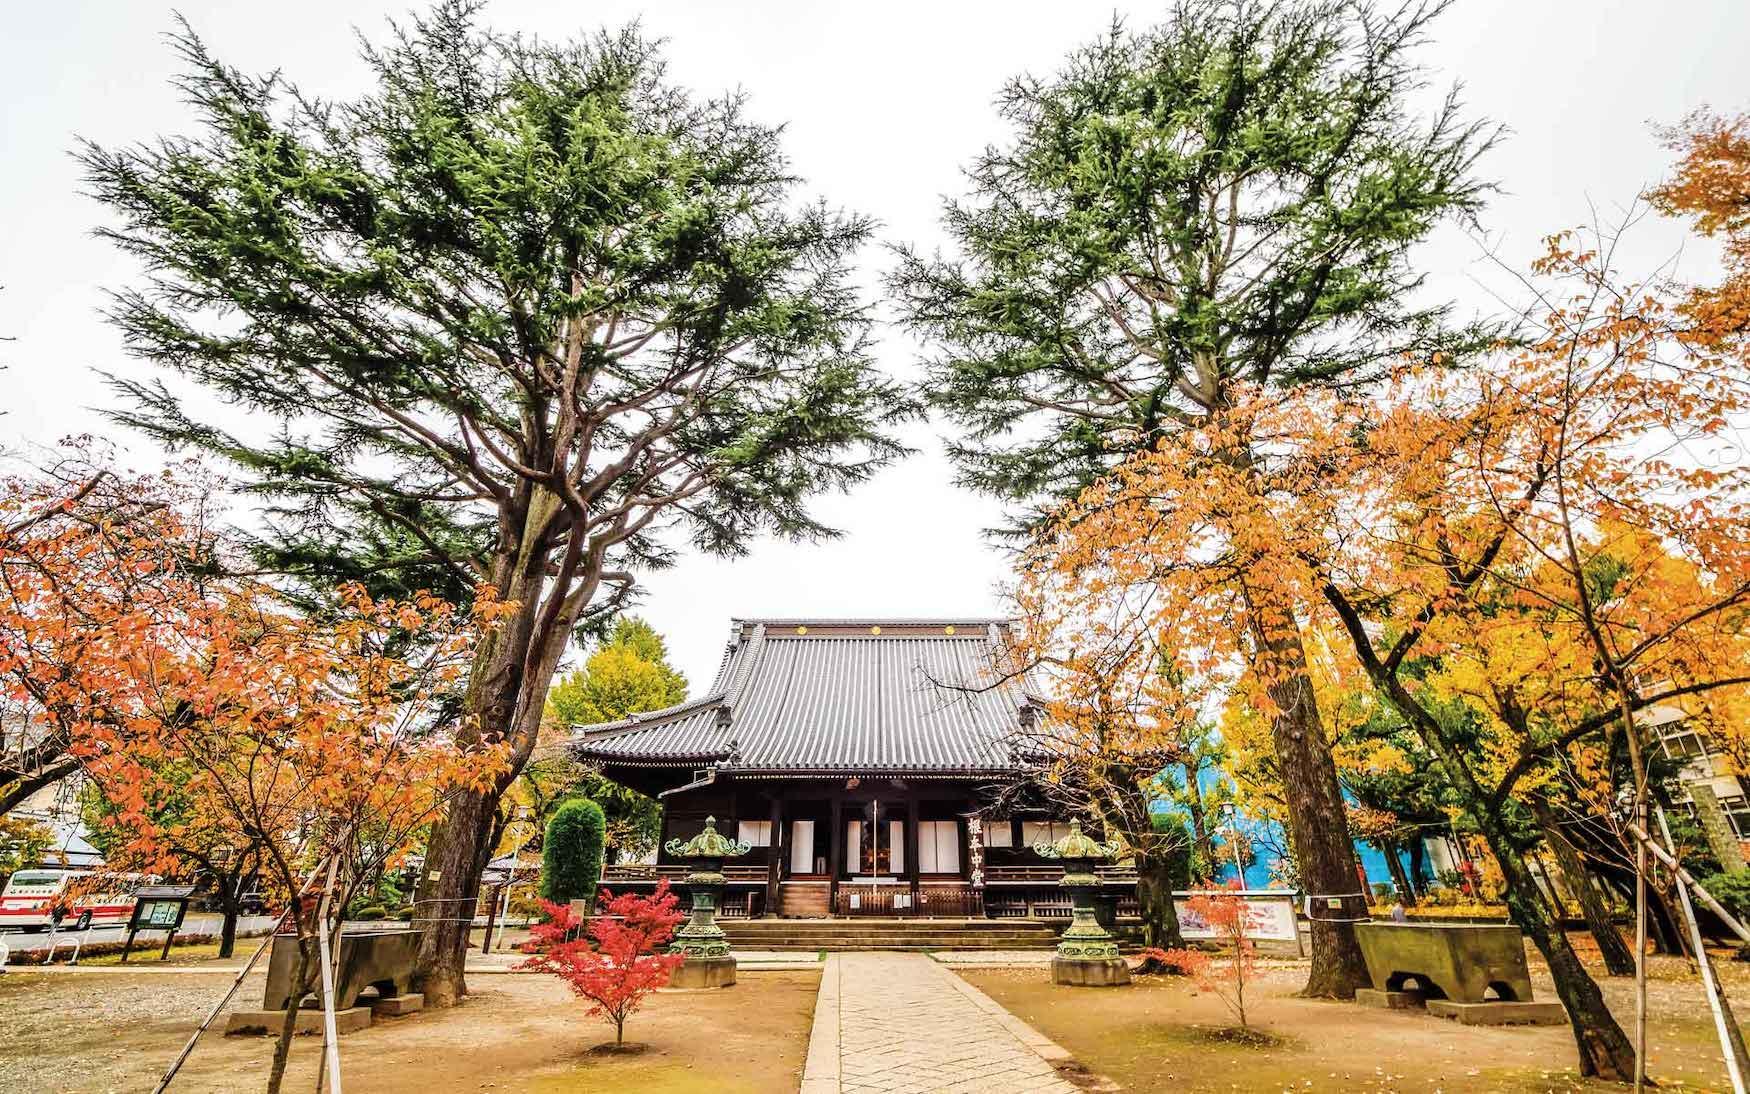 Tempel in Tokio, Japan